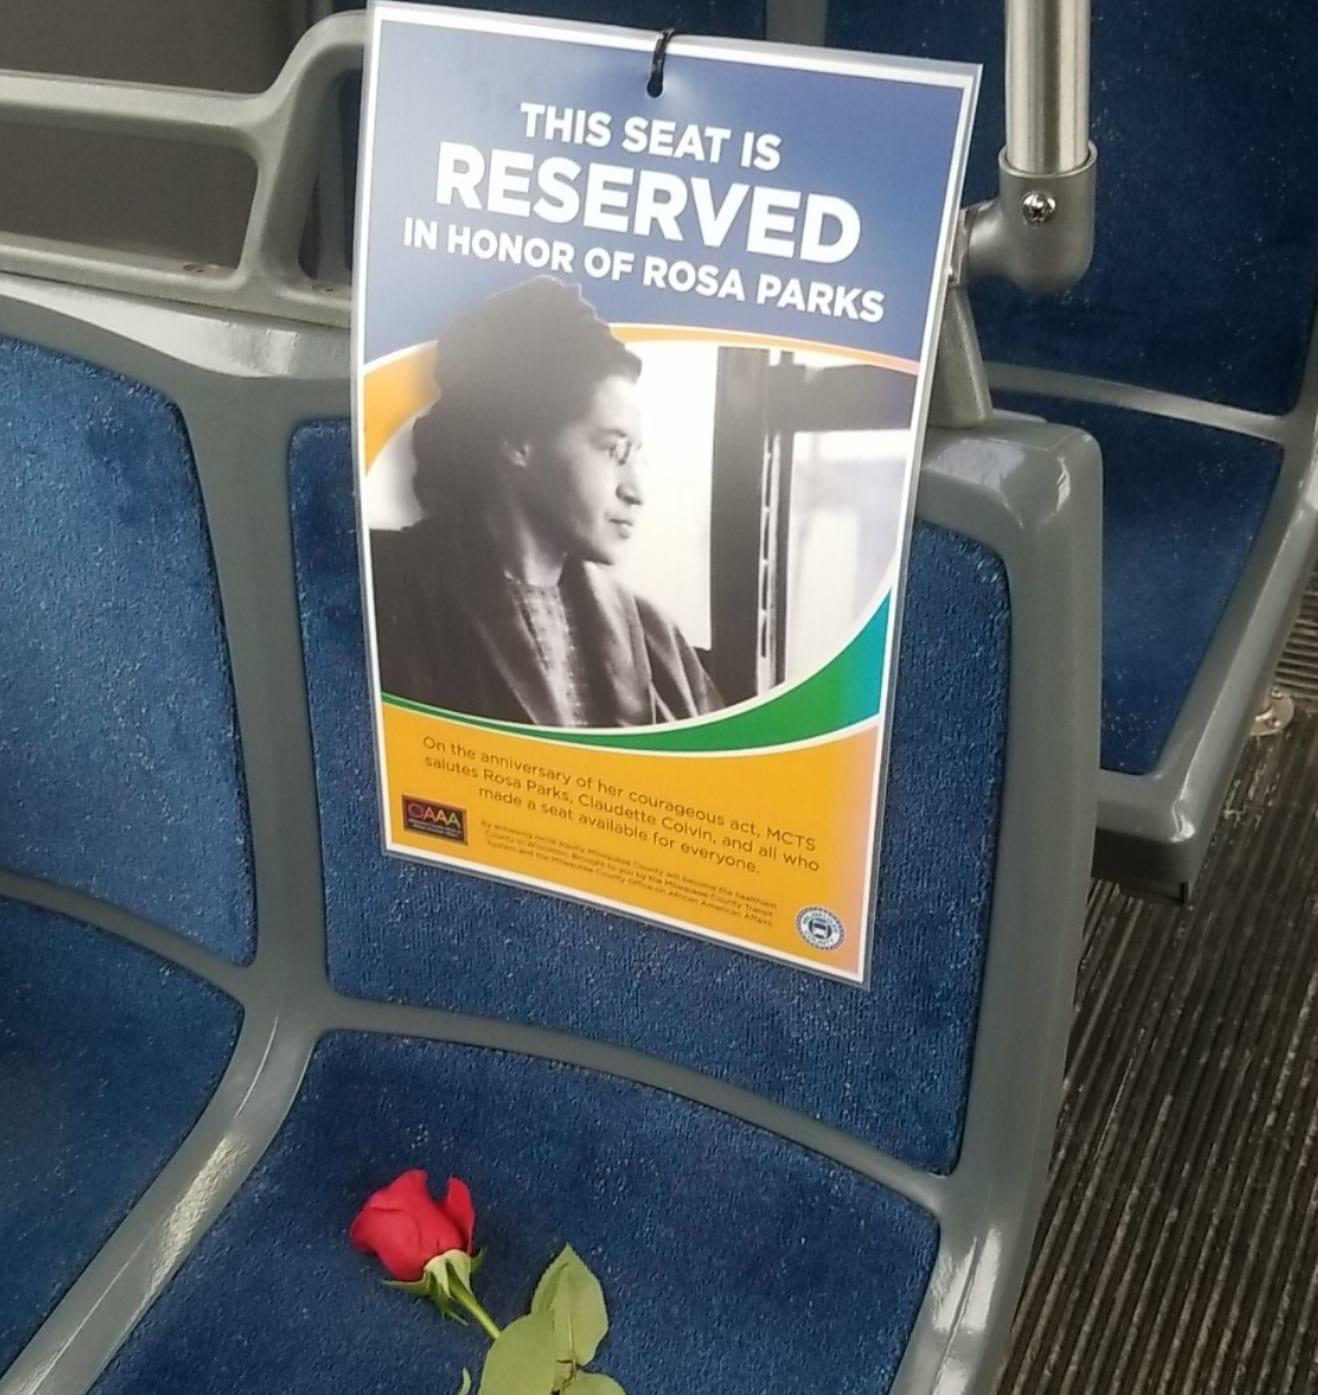 Rosa Parks Bus Seat